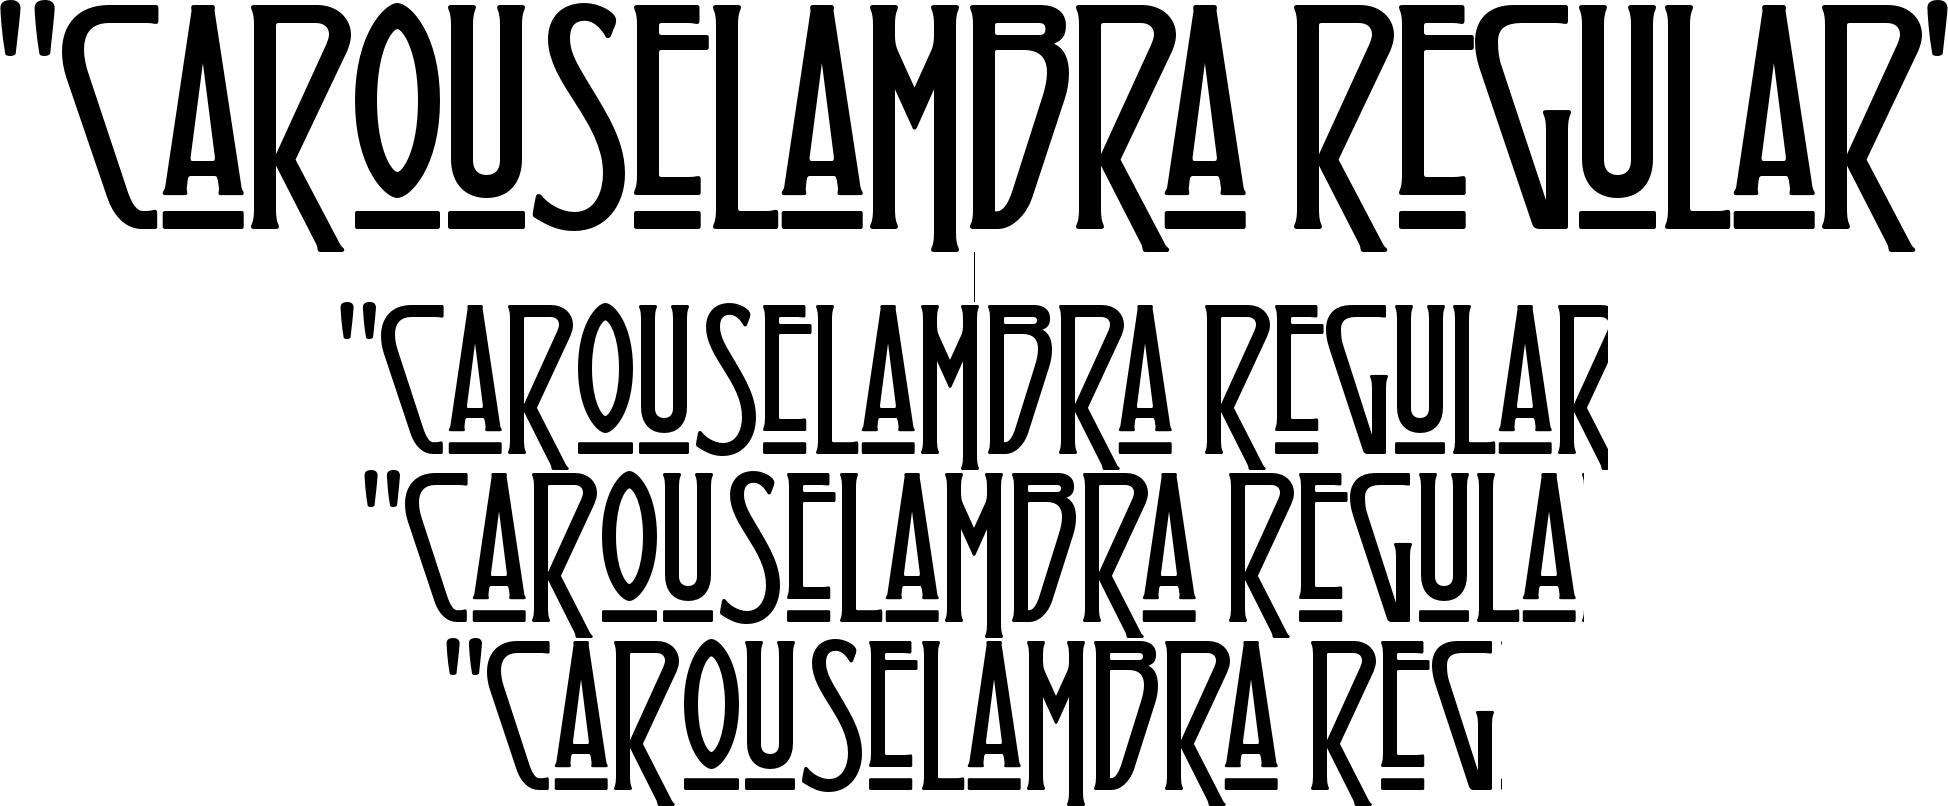 Similar Fonts To Carouselambra